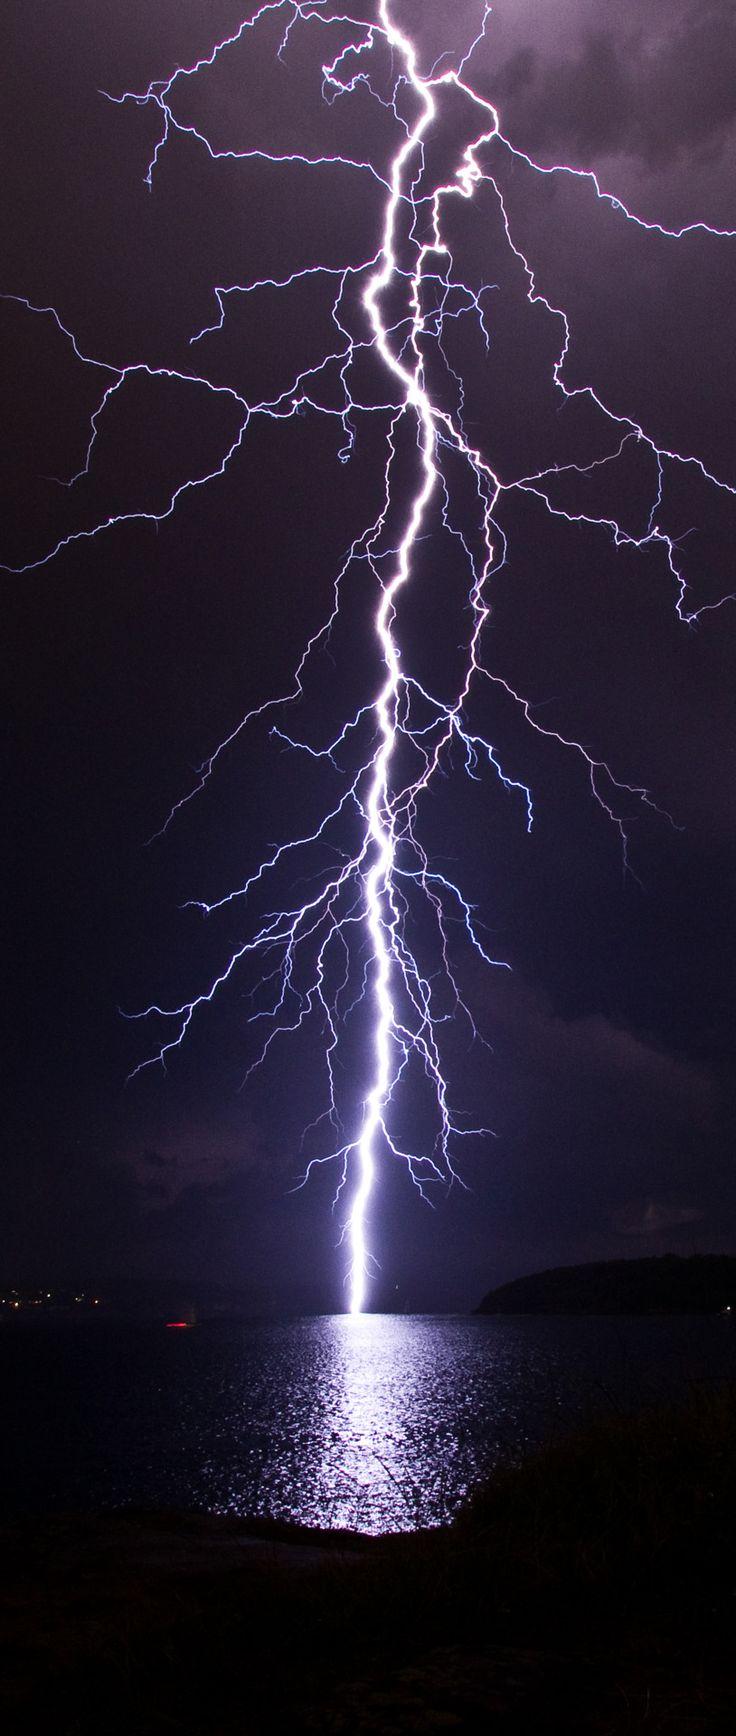 Lightning Strike – Sydney Thunderstorm